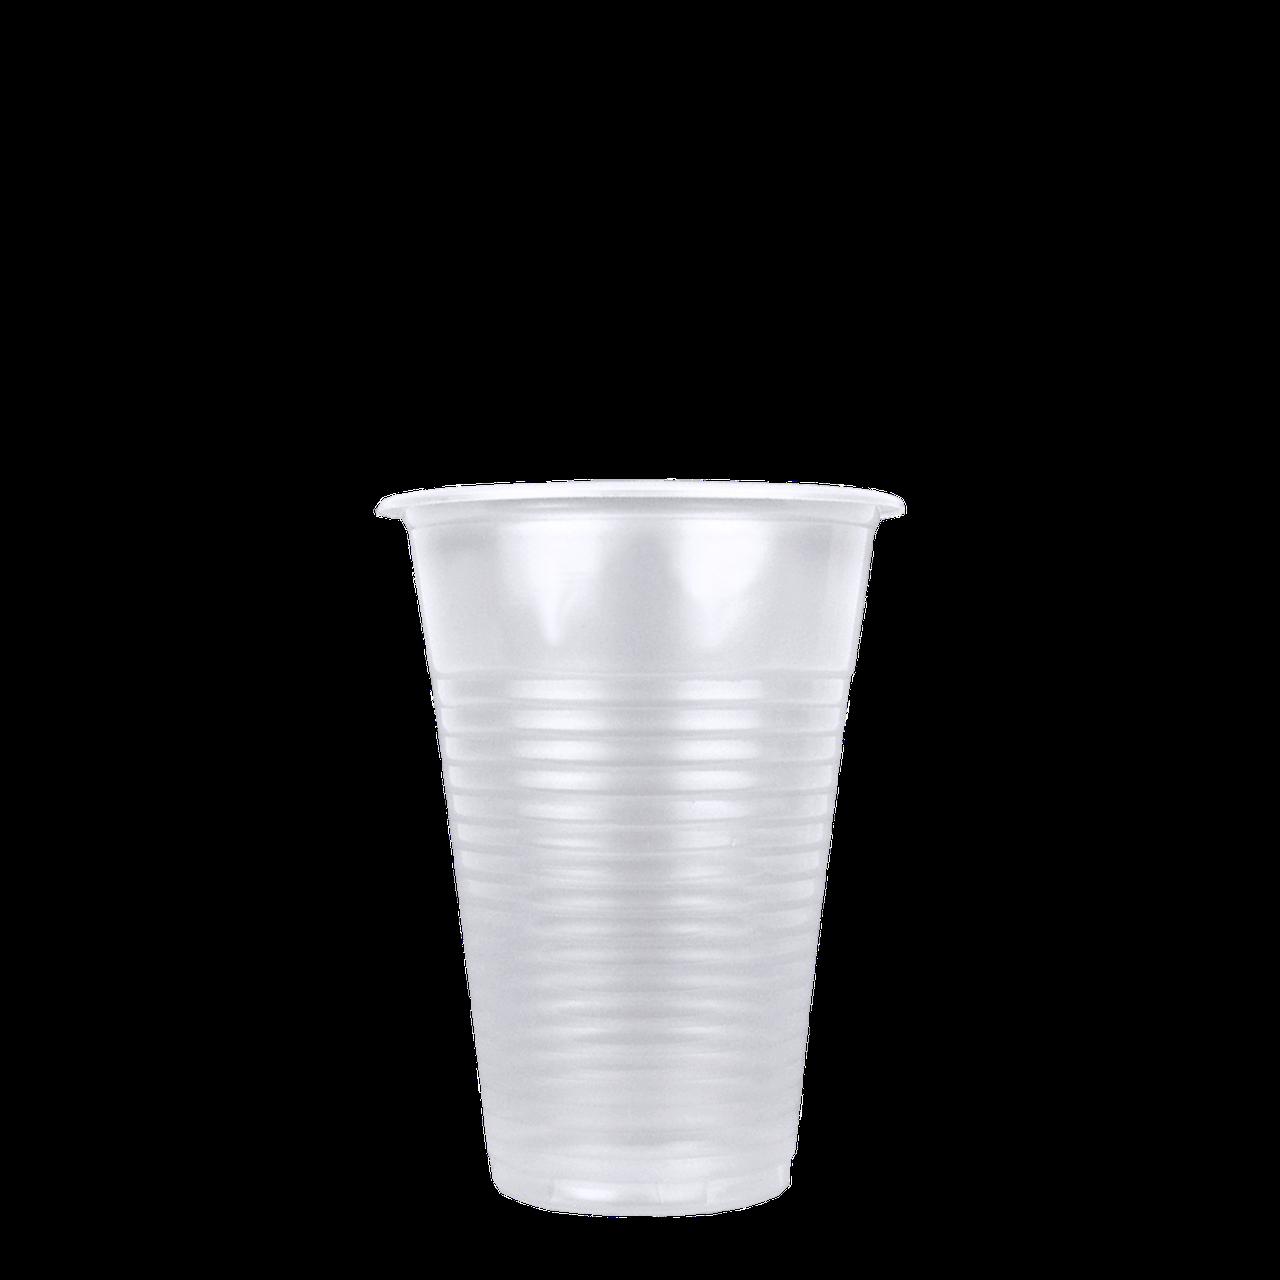 Стаканы пластиковые прозрачные 200 мл